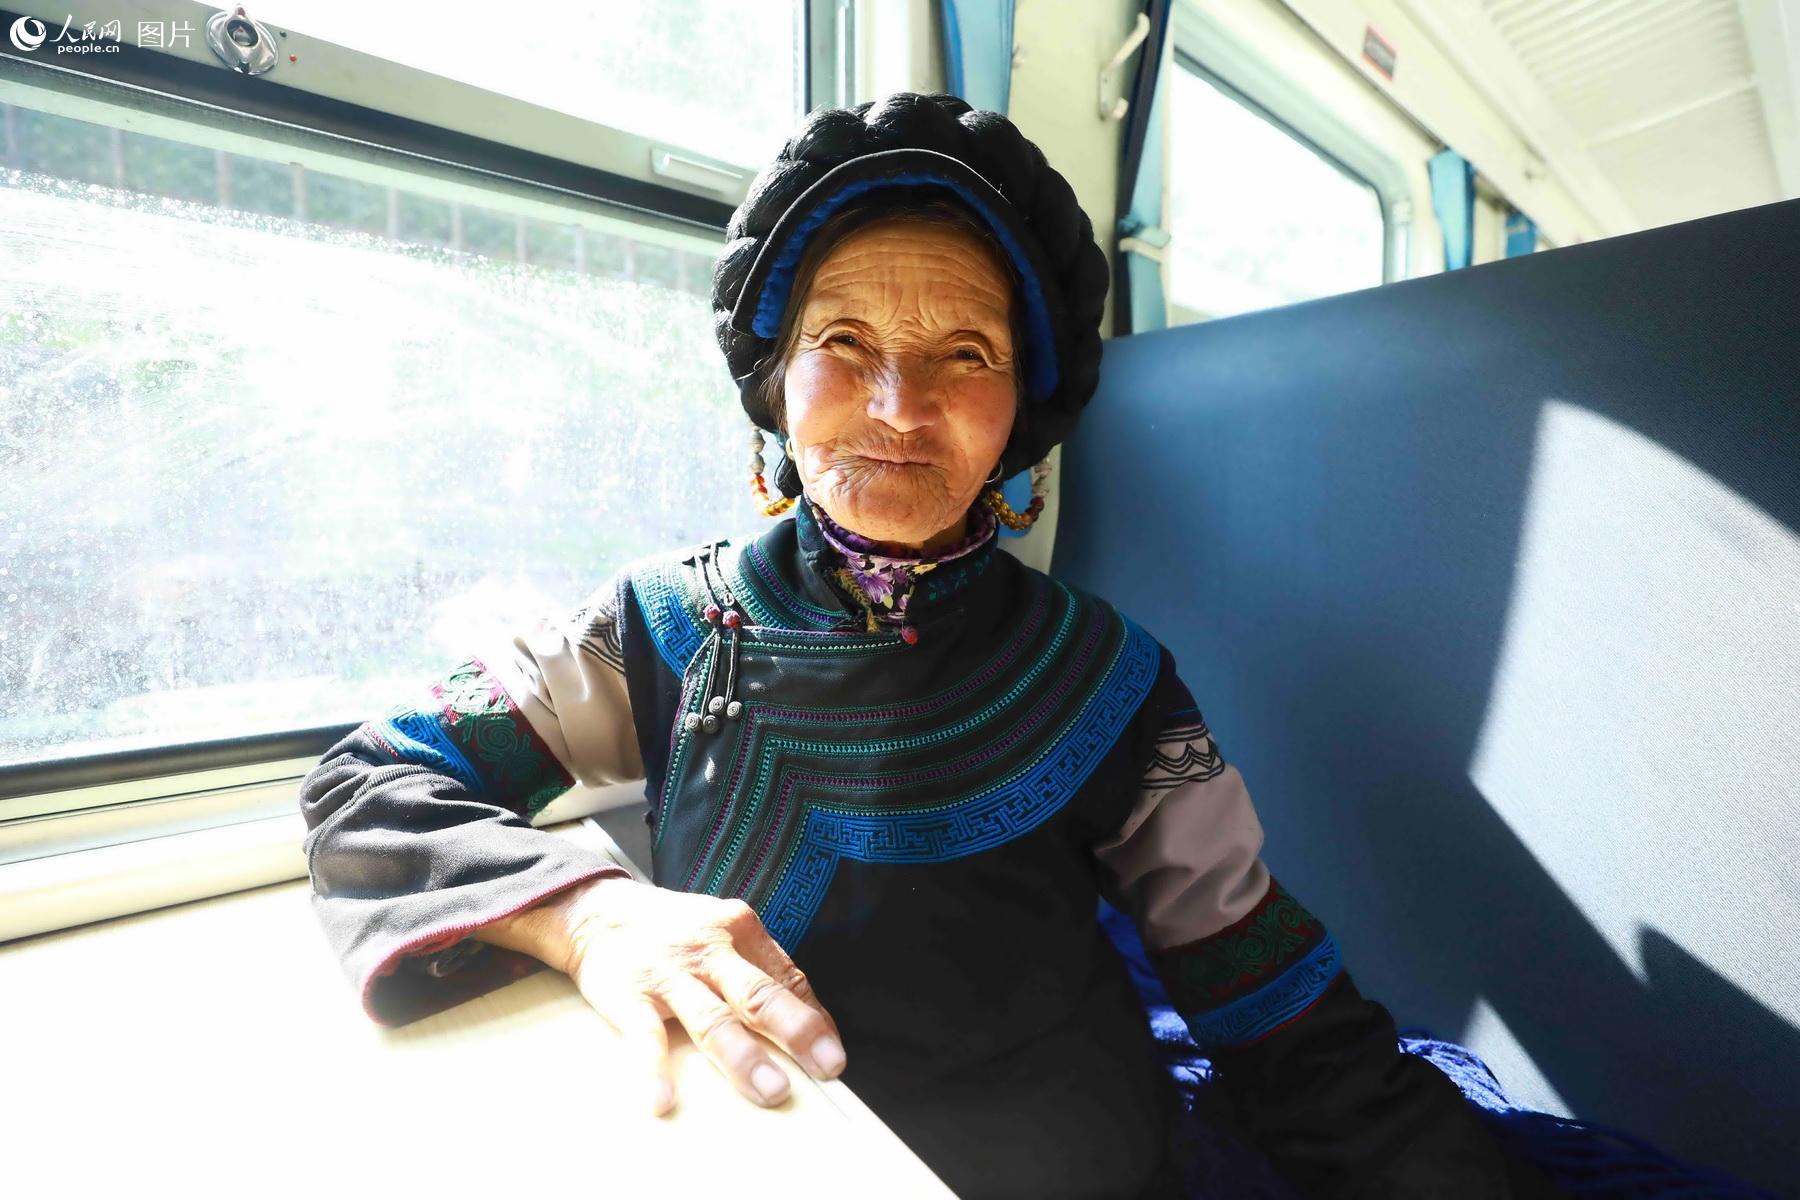 5月20日,彝族老阿妈克迟支支莫,乘坐5619次列车前往普雄走访亲戚。(李锴 摄)